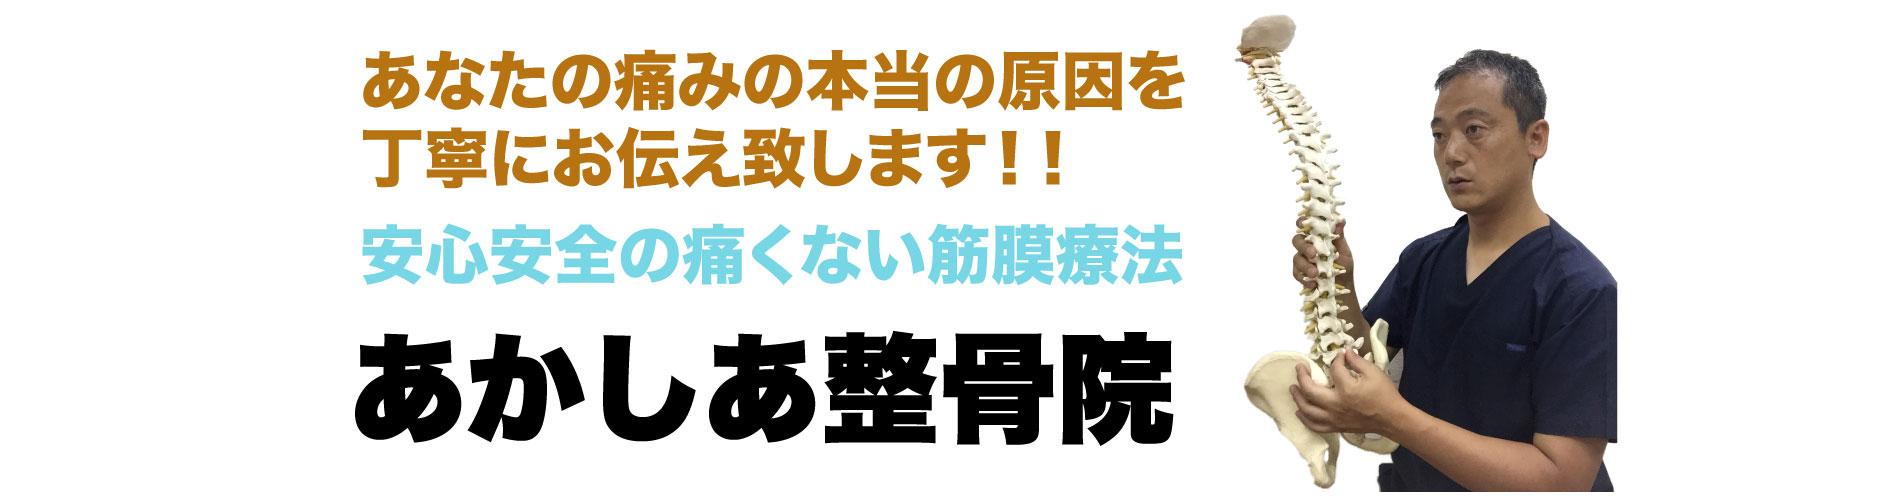 東京都小平市坐骨神経痛腰痛